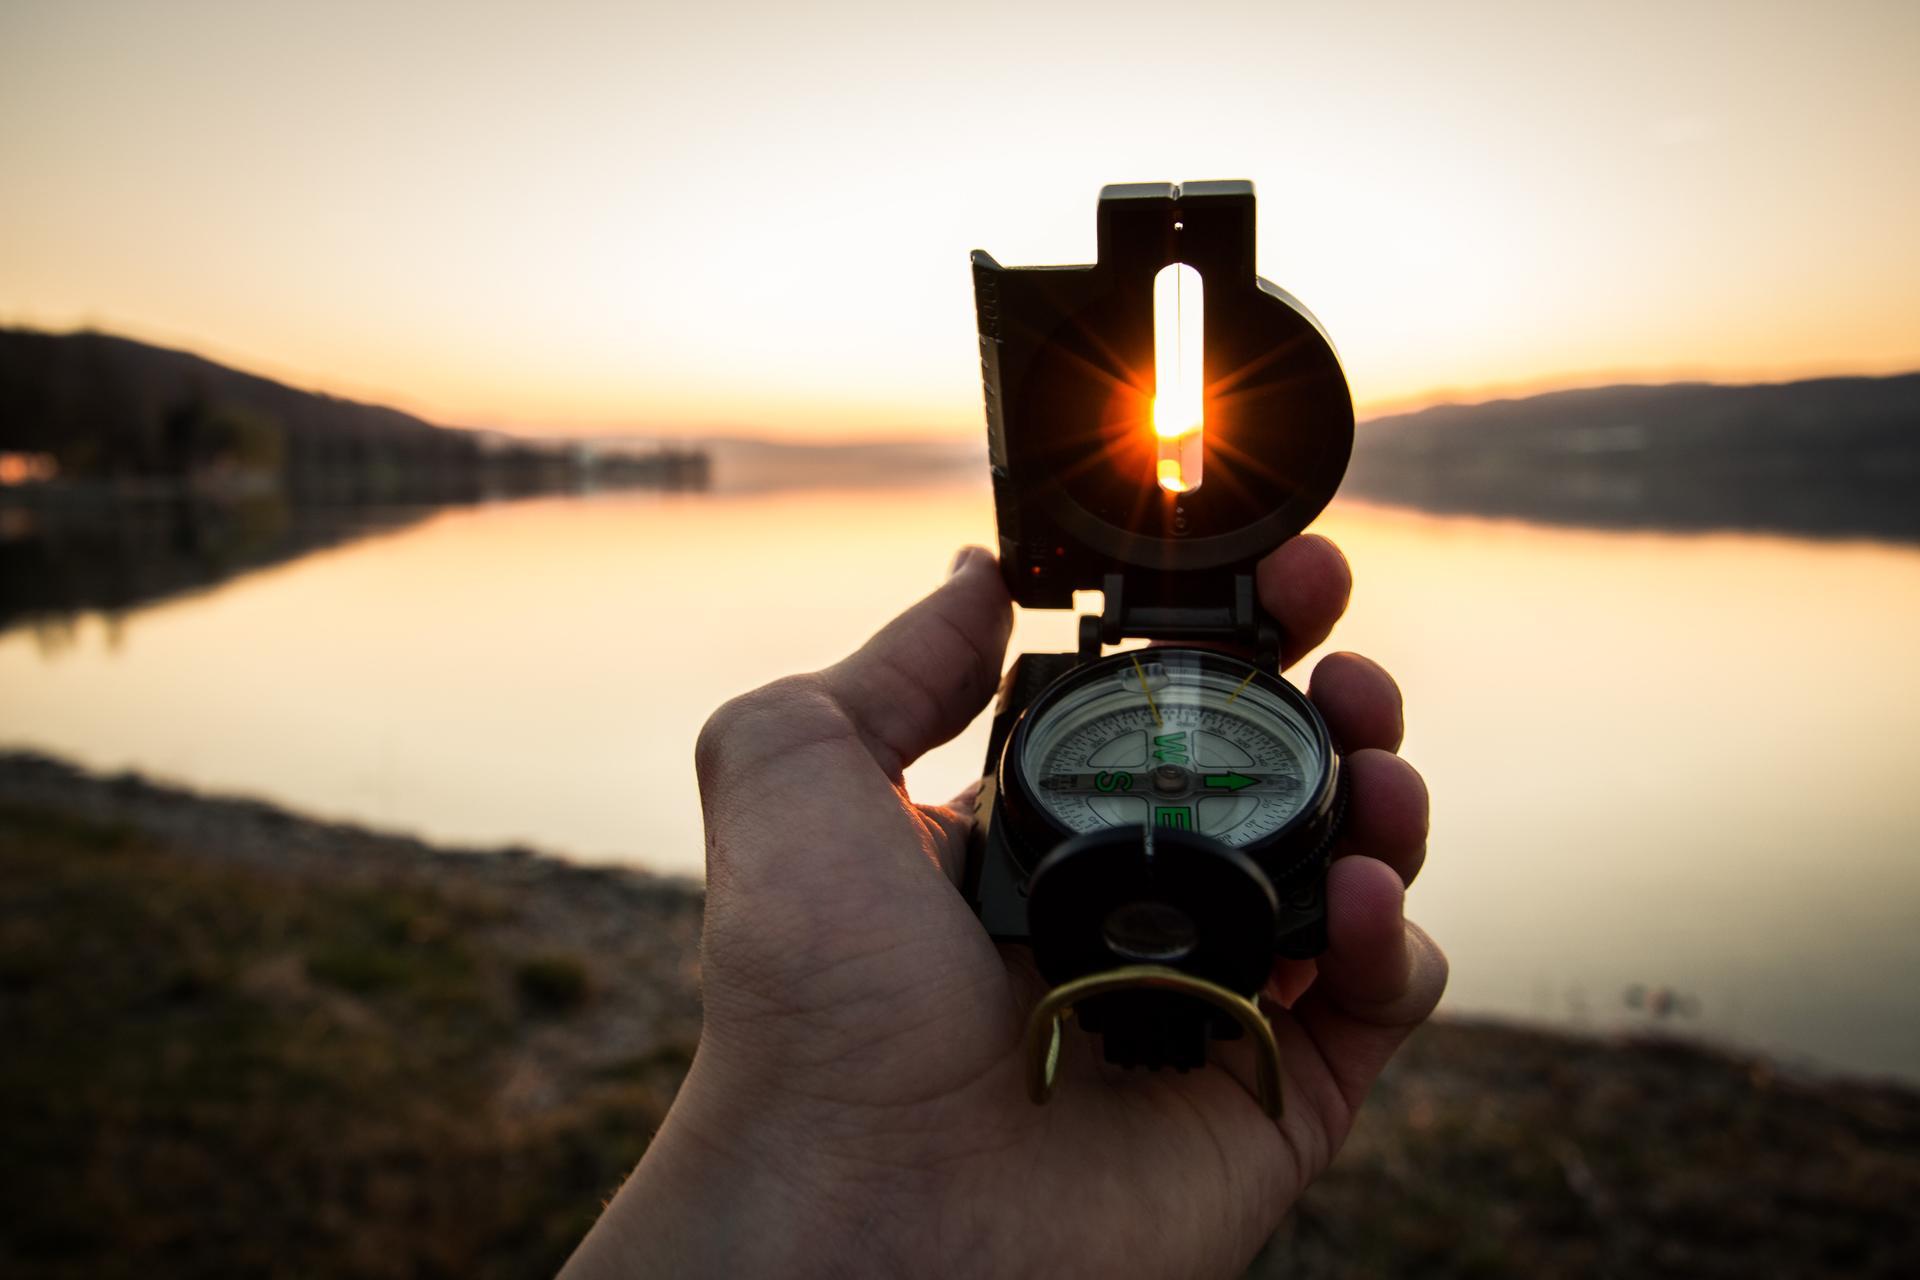 navigate-compass-lake-tim-graf-ErO0E8wZaTA-unsplash